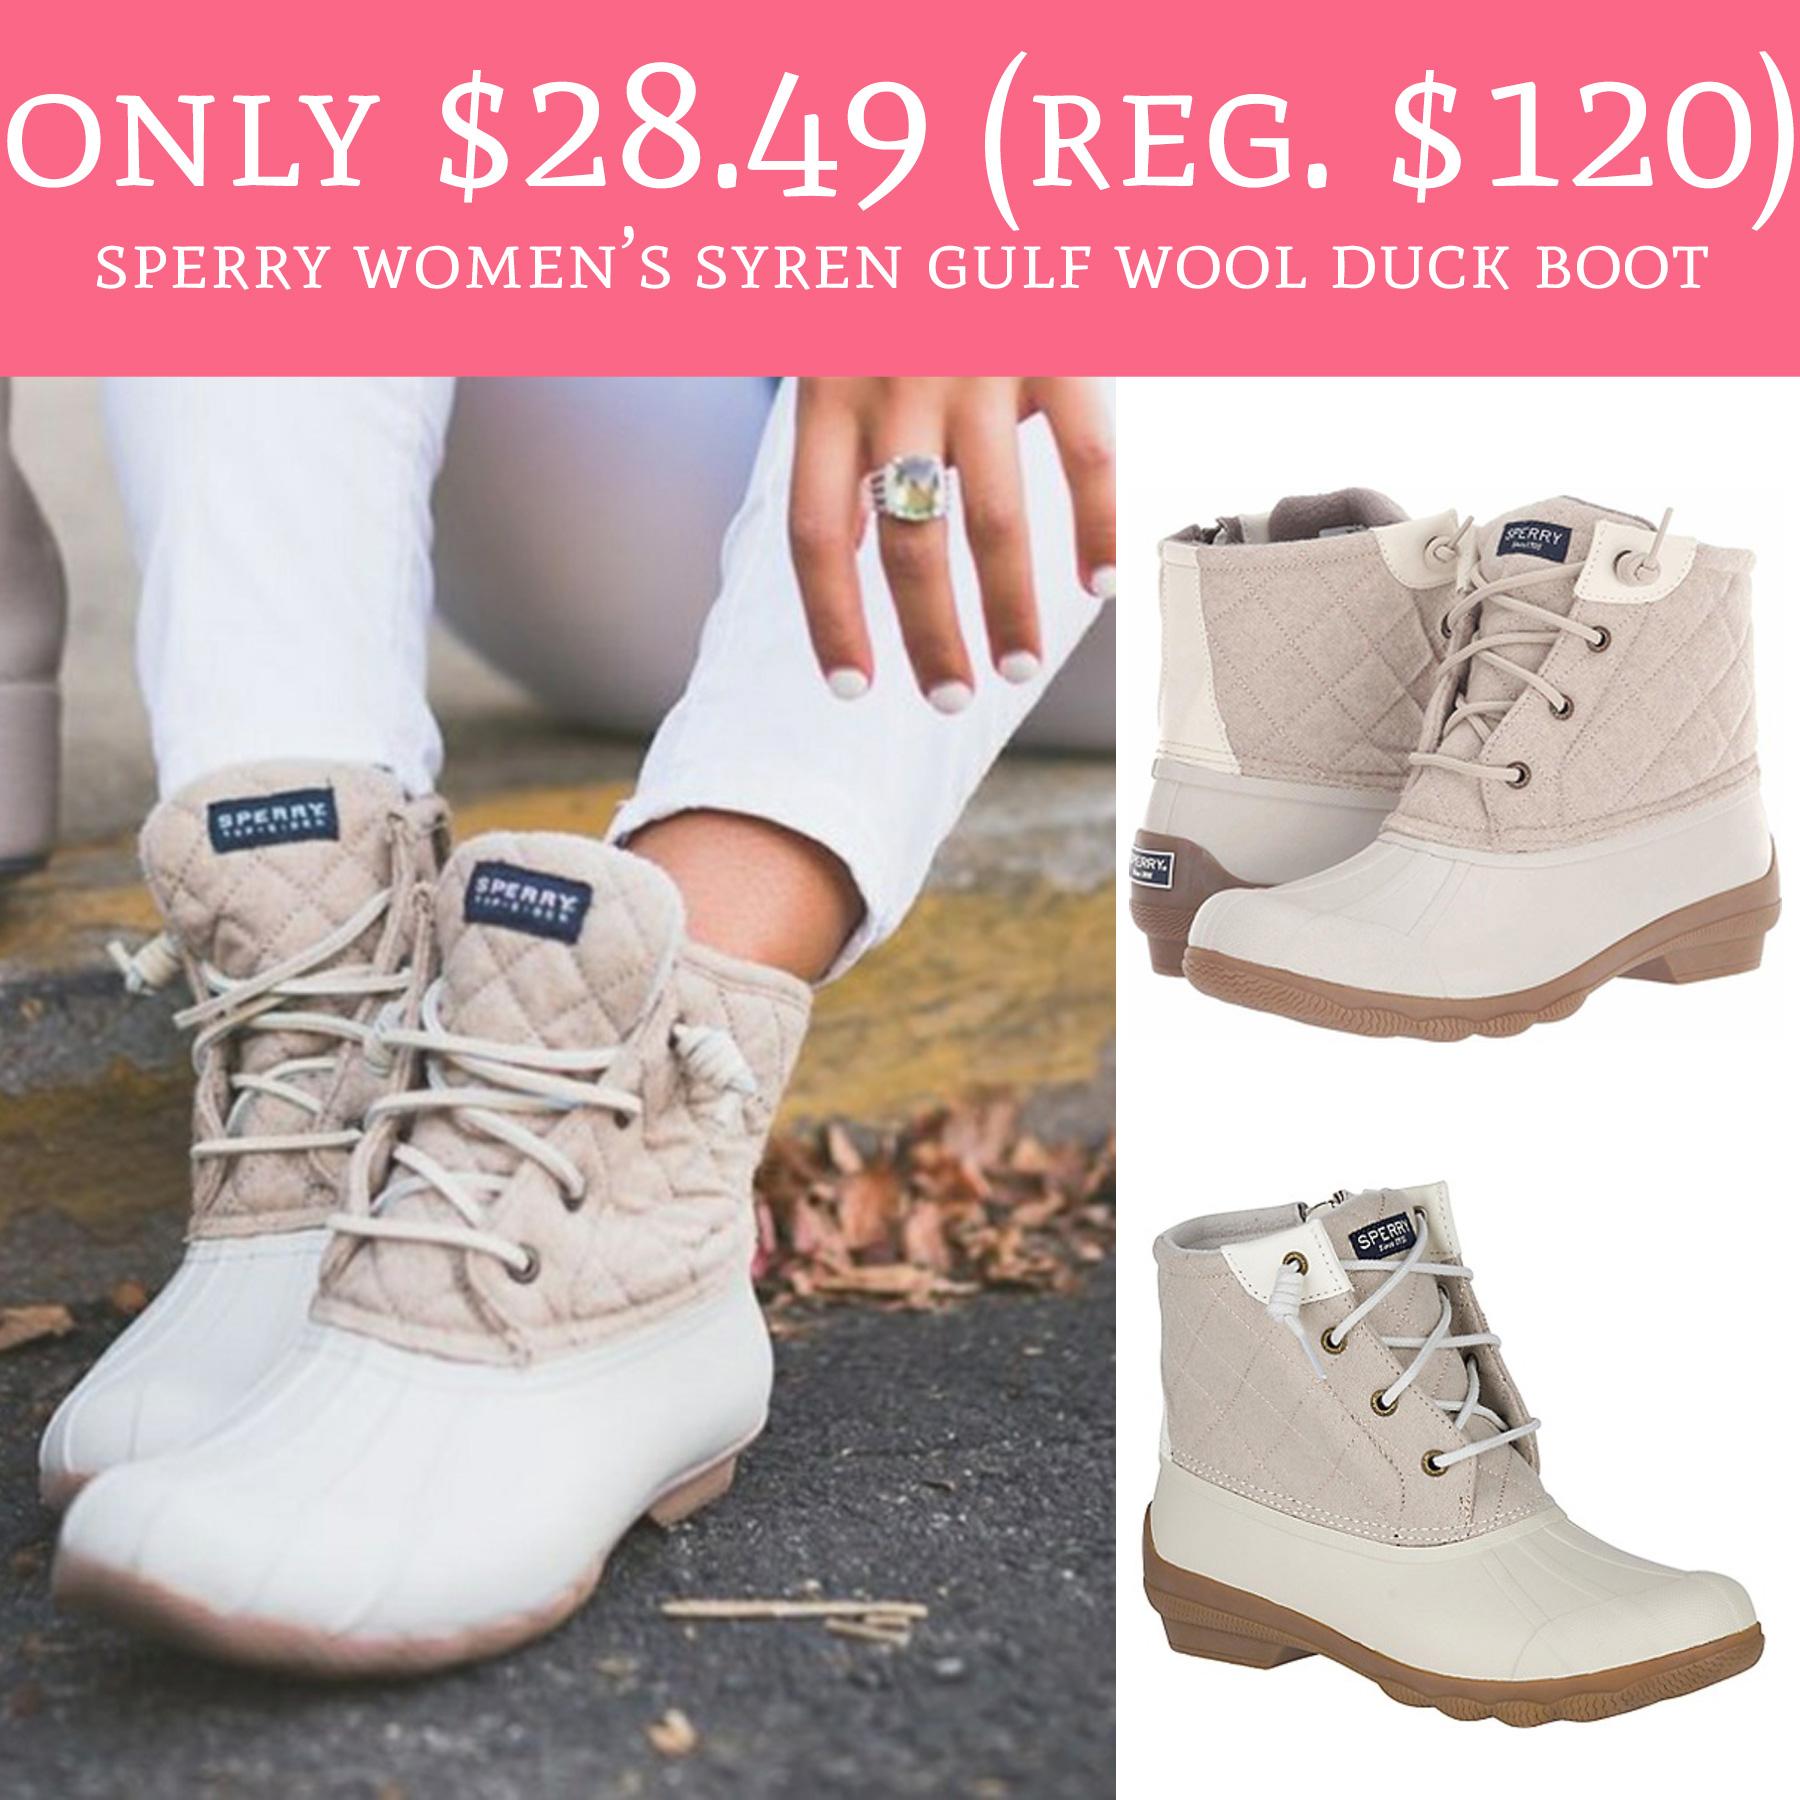 Only $28.49 (Reg. $120) Sperry Women's